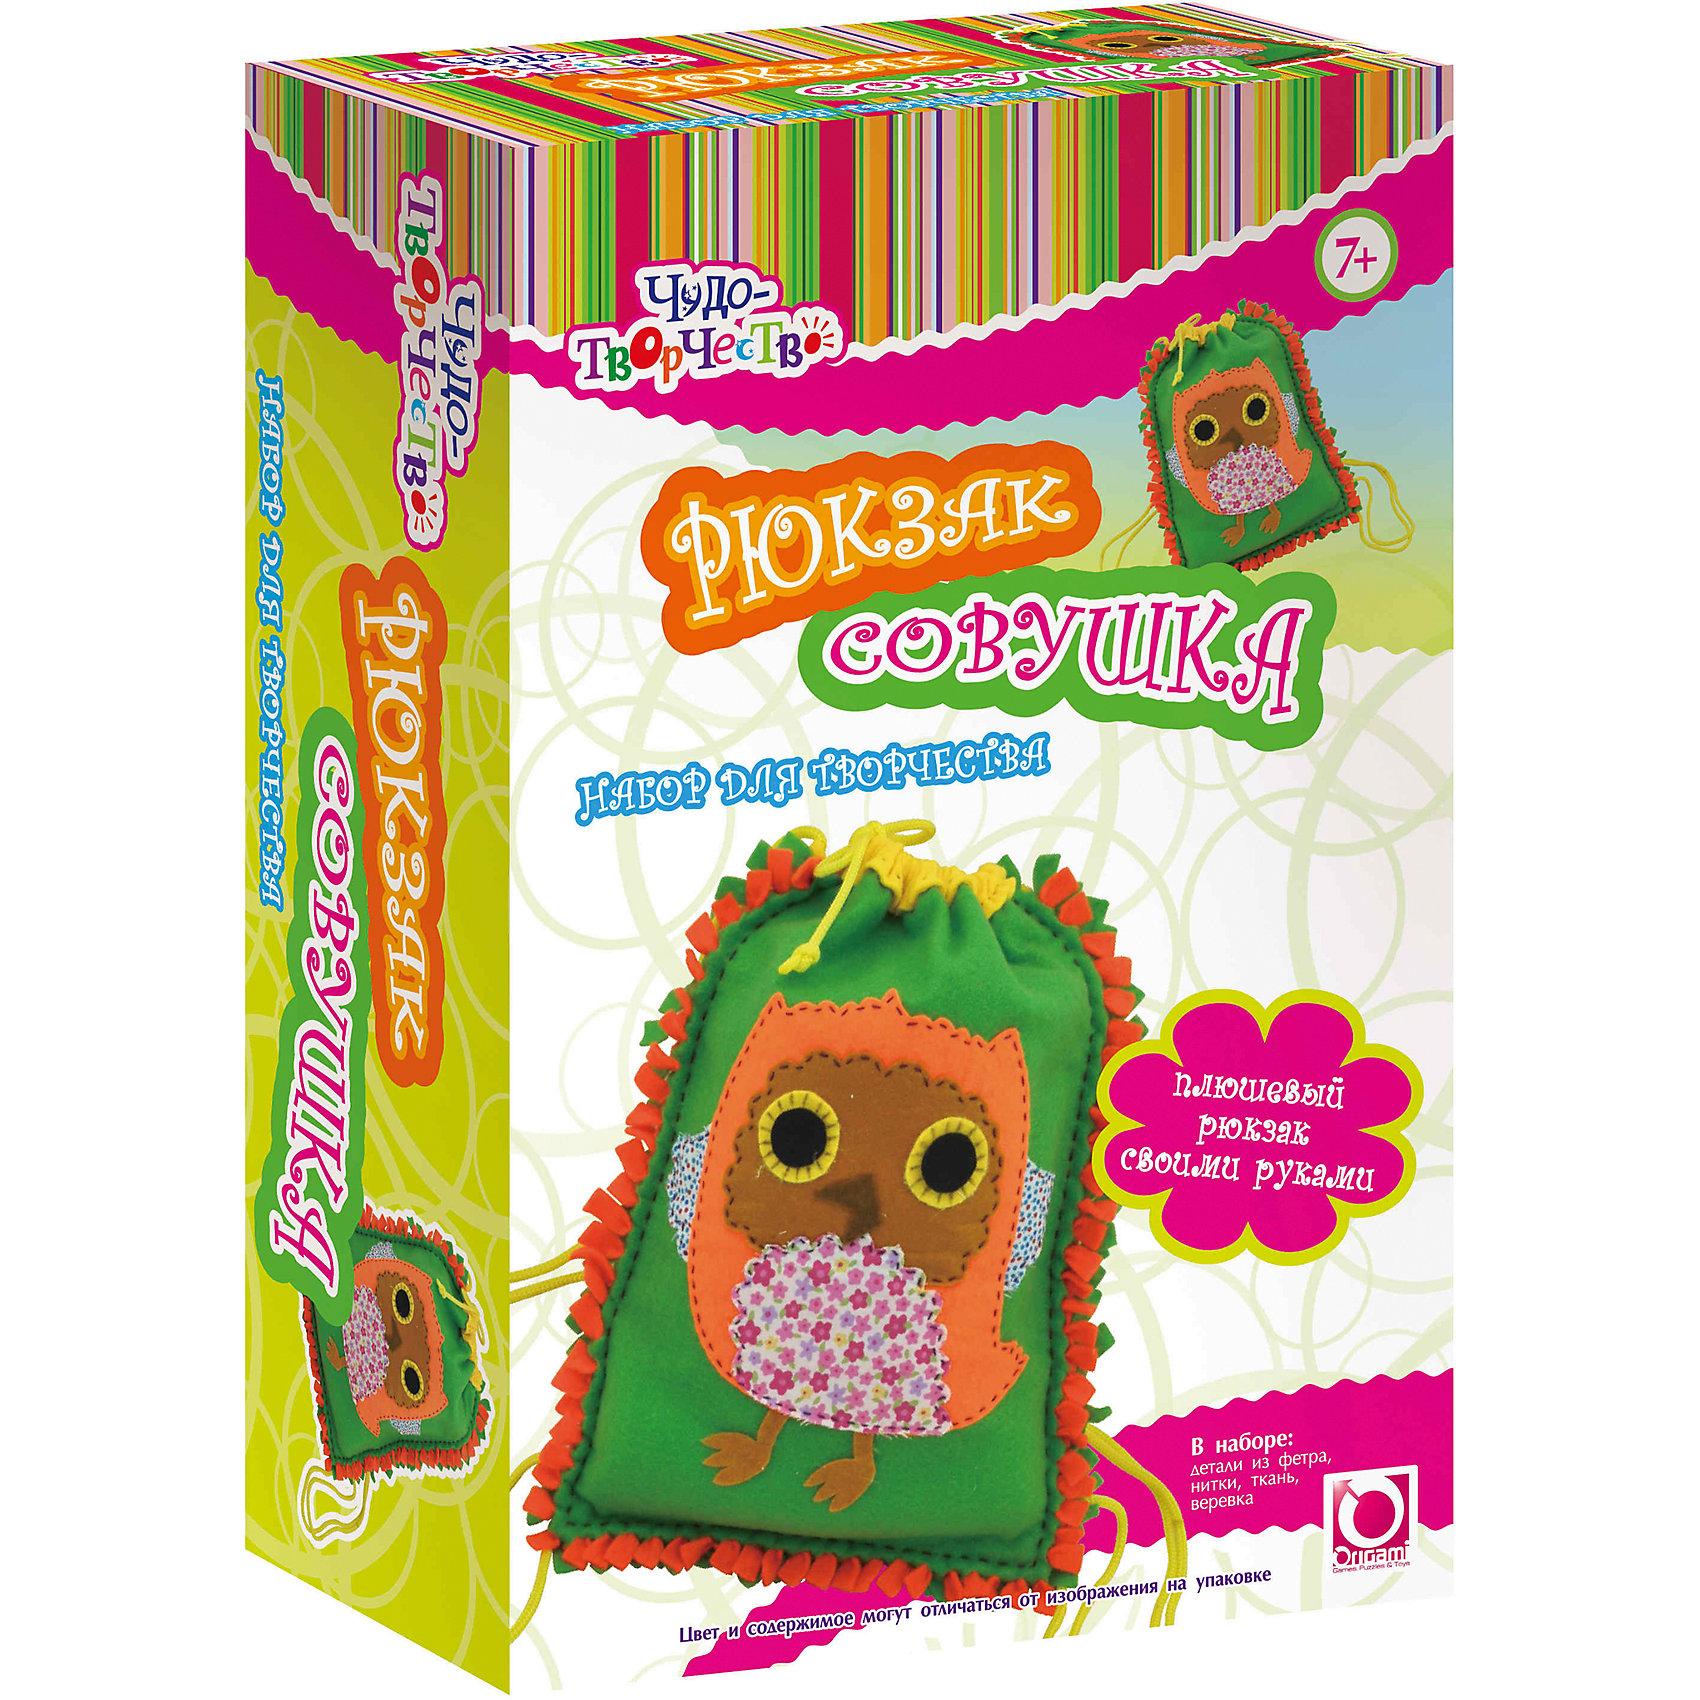 Набор для создания рюкзака Совушка, ОригамиНабор для создания рюкзака Совушка, Оригами – этот набор поможет вашей девочке своими руками создать веселый, плюшевый рюкзак.<br>Эта чудесная совушка будет сопровождать девочку во всех ее прогулках и походах! Оригинальный рюкзачок с яркой аппликацией она сможет сшить сама — такая авторская вещь будет в единственном экземпляре. В подарочный набор от компании «Чудо-творчество» входят все инструменты и материалы, которые понадобятся для создания аксессуара. Готовый рюкзак имеет две лямки — его можно носить за спиной и на плече. Внутрь поместятся разные мелочи — кошелек, вкусная булочка и бутылка воды, сменка в школу или спортивная форма.<br><br>Дополнительная информация:<br><br>- В наборе: детали из фетра, нитки, ткань, веревка<br>- Размер упаковки: 47х25х40 см.<br>- Вес упаковки: 208 гр.<br><br>Набор для создания рюкзака Совушка, Оригами можно купить в нашем интернет-магазине.<br><br>Ширина мм: 470<br>Глубина мм: 250<br>Высота мм: 400<br>Вес г: 208<br>Возраст от месяцев: 72<br>Возраст до месяцев: 144<br>Пол: Унисекс<br>Возраст: Детский<br>SKU: 4075985